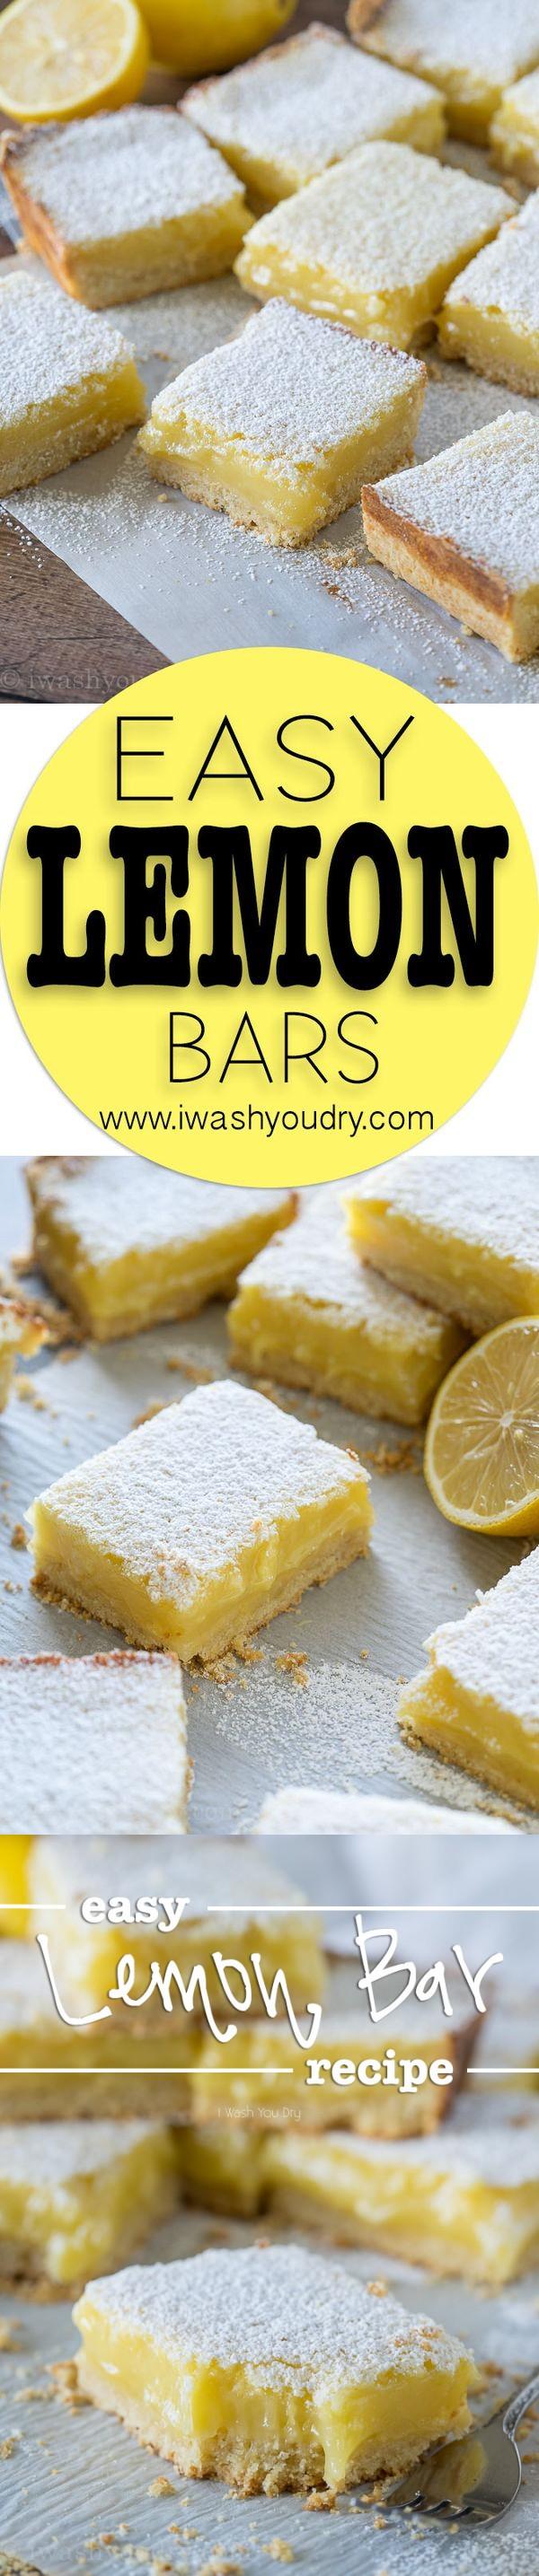 Easy Lemon Bar